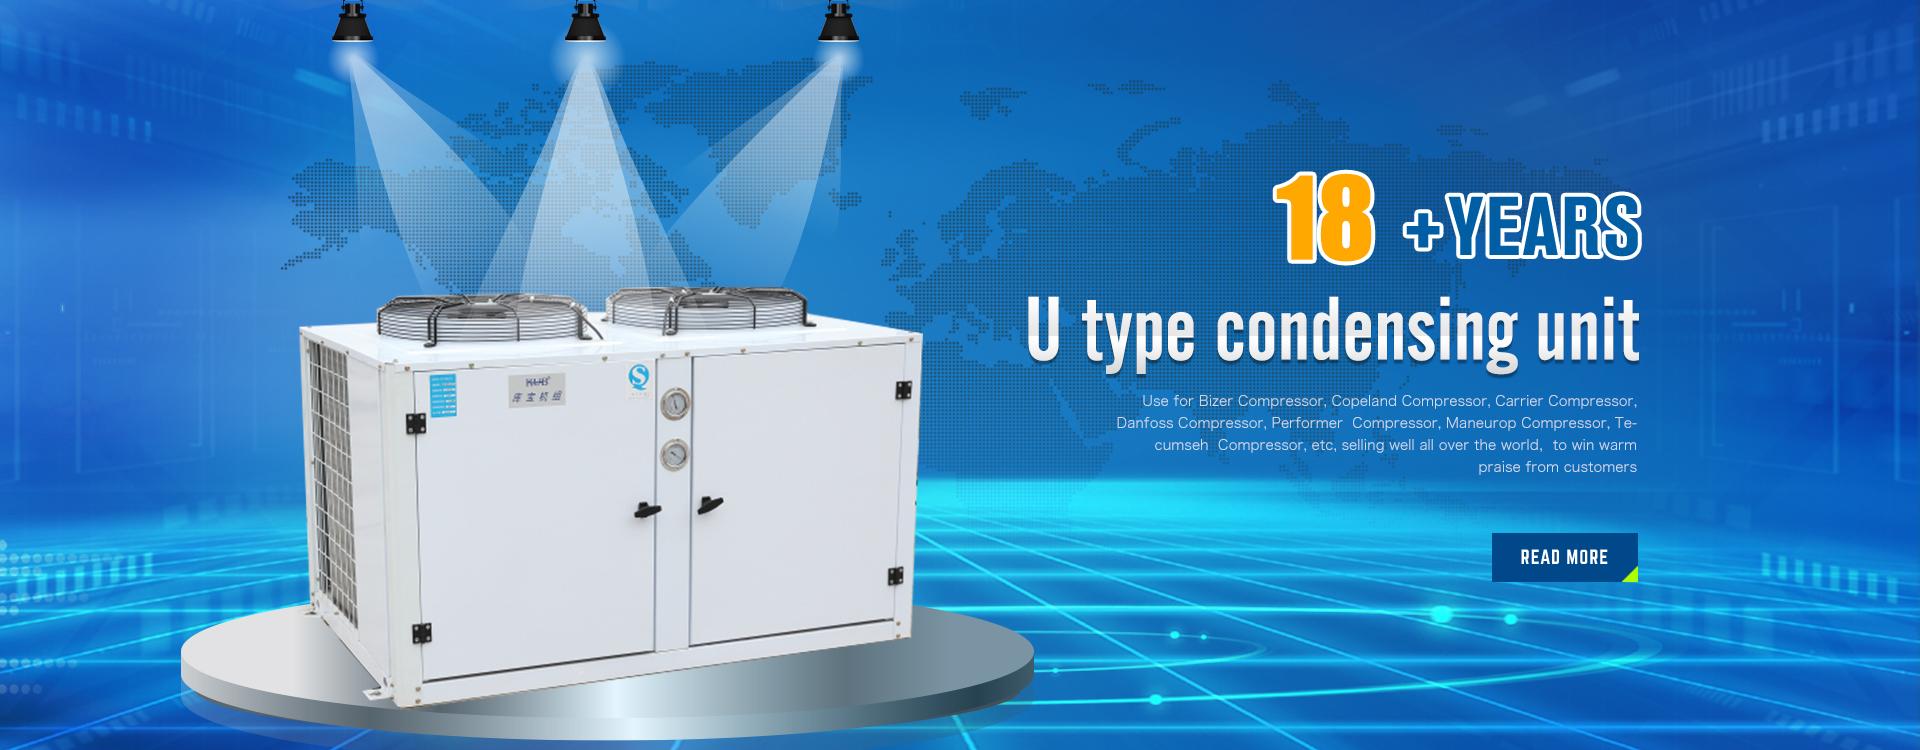 Caj4492y Tecumseh Price Refrigerator Compressor In India Buy Maneurop Electrical Drawing Shkubao1 Shkubao4 Shkubao3 Shkubao2